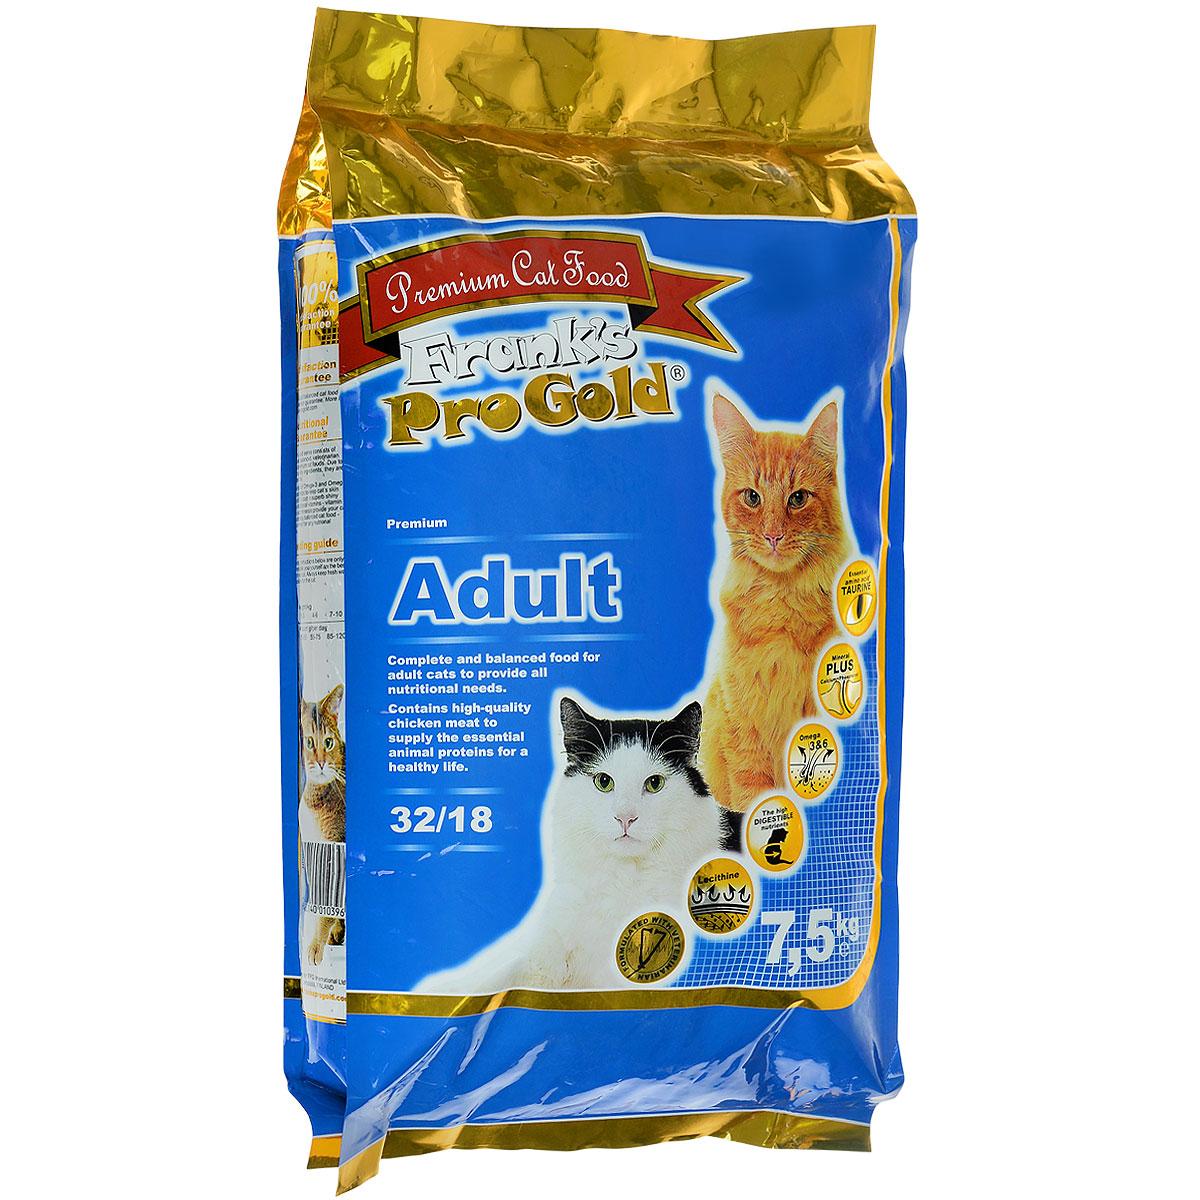 Корм сухой Franks ProGold для взрослых кошек, с курицей, 7,5 кг0120710Сухой корм Franks ProGold - это полноценный рацион для взрослых кошек. Он содержит особую разработанную с участием ученых комбинацию ингредиентов для поддержания здоровья вашего питомца в течение продолжительного времени. Не содержит пшеницы, соевых добавок, ГМО.Состав: дегидрированное мясо курицы, рис, куриный жир, дегидрированная рыба, ячмень, гидролизованная куриная печень, кукурузная мука, свекла, дрожжи, яичный порошок, рыбий жир, минералы и витамины, гидролизованные хрящи (источник хондроитина), гидролизованные рачки (источник глюкозамина), лецитин (минимум 0,5%), инулин (минимум 0,5%FOS), таурин.Пищевая ценность: белки 32,0%, жиры 18,0%, клетчатка 2,0%, зола 6,0%, влажность 8,0%, фосфор 0,9%, кальций 1,4%.Добавки: витамин-A (E672) 20000 IU/кг, витамин-D3 (E671) 2000 IU/кг, витамин-E (dl-альфа токоферола ацетат) 400 мг/кг, витамин-C (фосфат аскорбиновой кислоты) 250 мг/кг, таурин 1000 мг/кг, E1 75 мг/кг, E2 1,5 мг/кг, E3 0,5 мг/кг, E4 5 мг/кг, E5 30 мг/кг, E6 65 мг/кг. Товар сертифицирован.